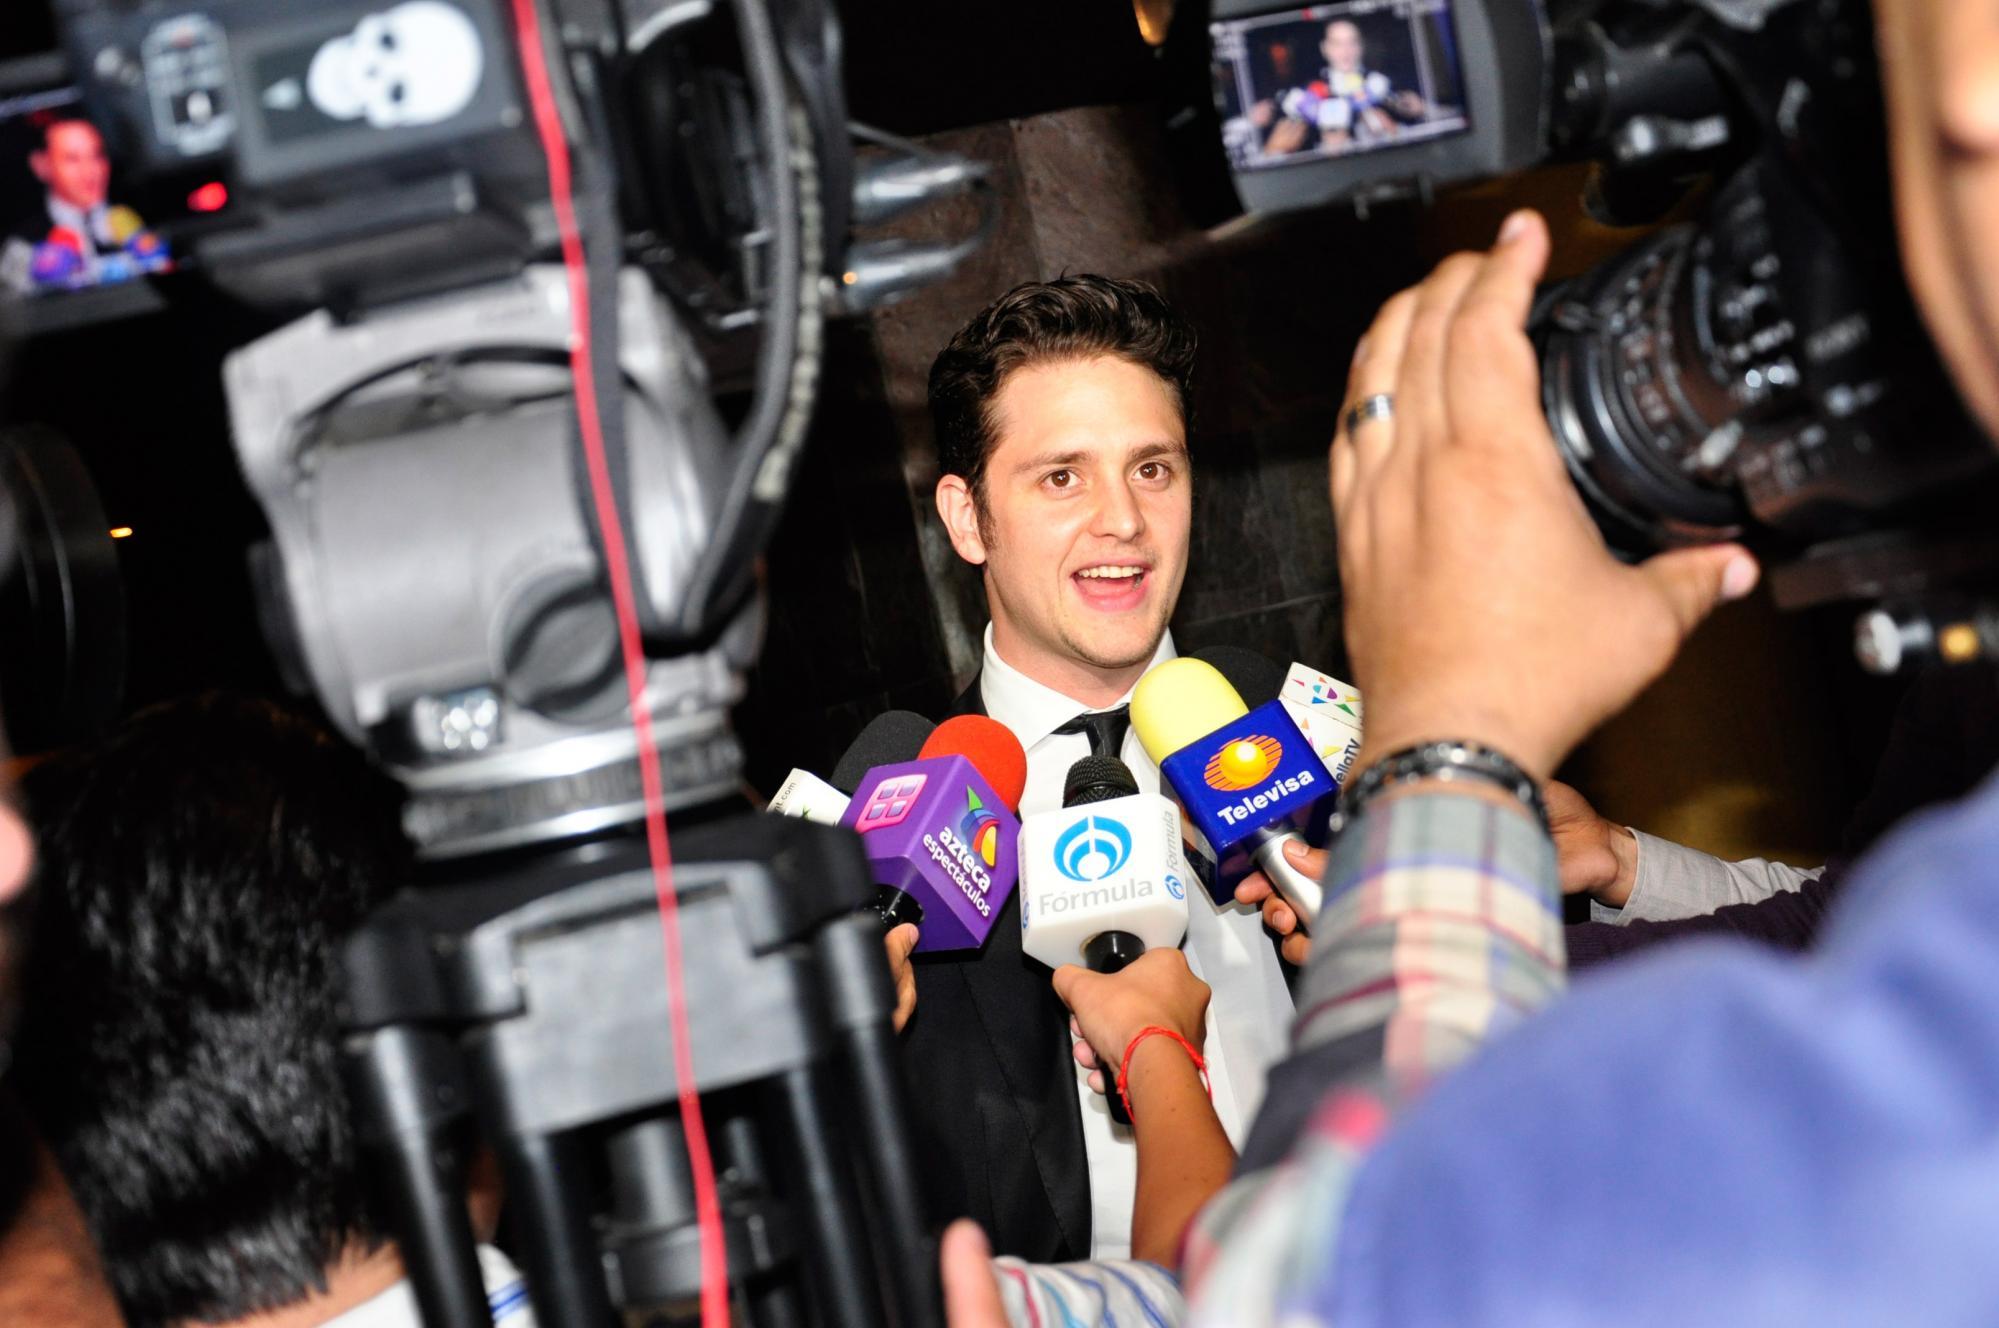 Christopher Uckermann consentiodo de la prensa